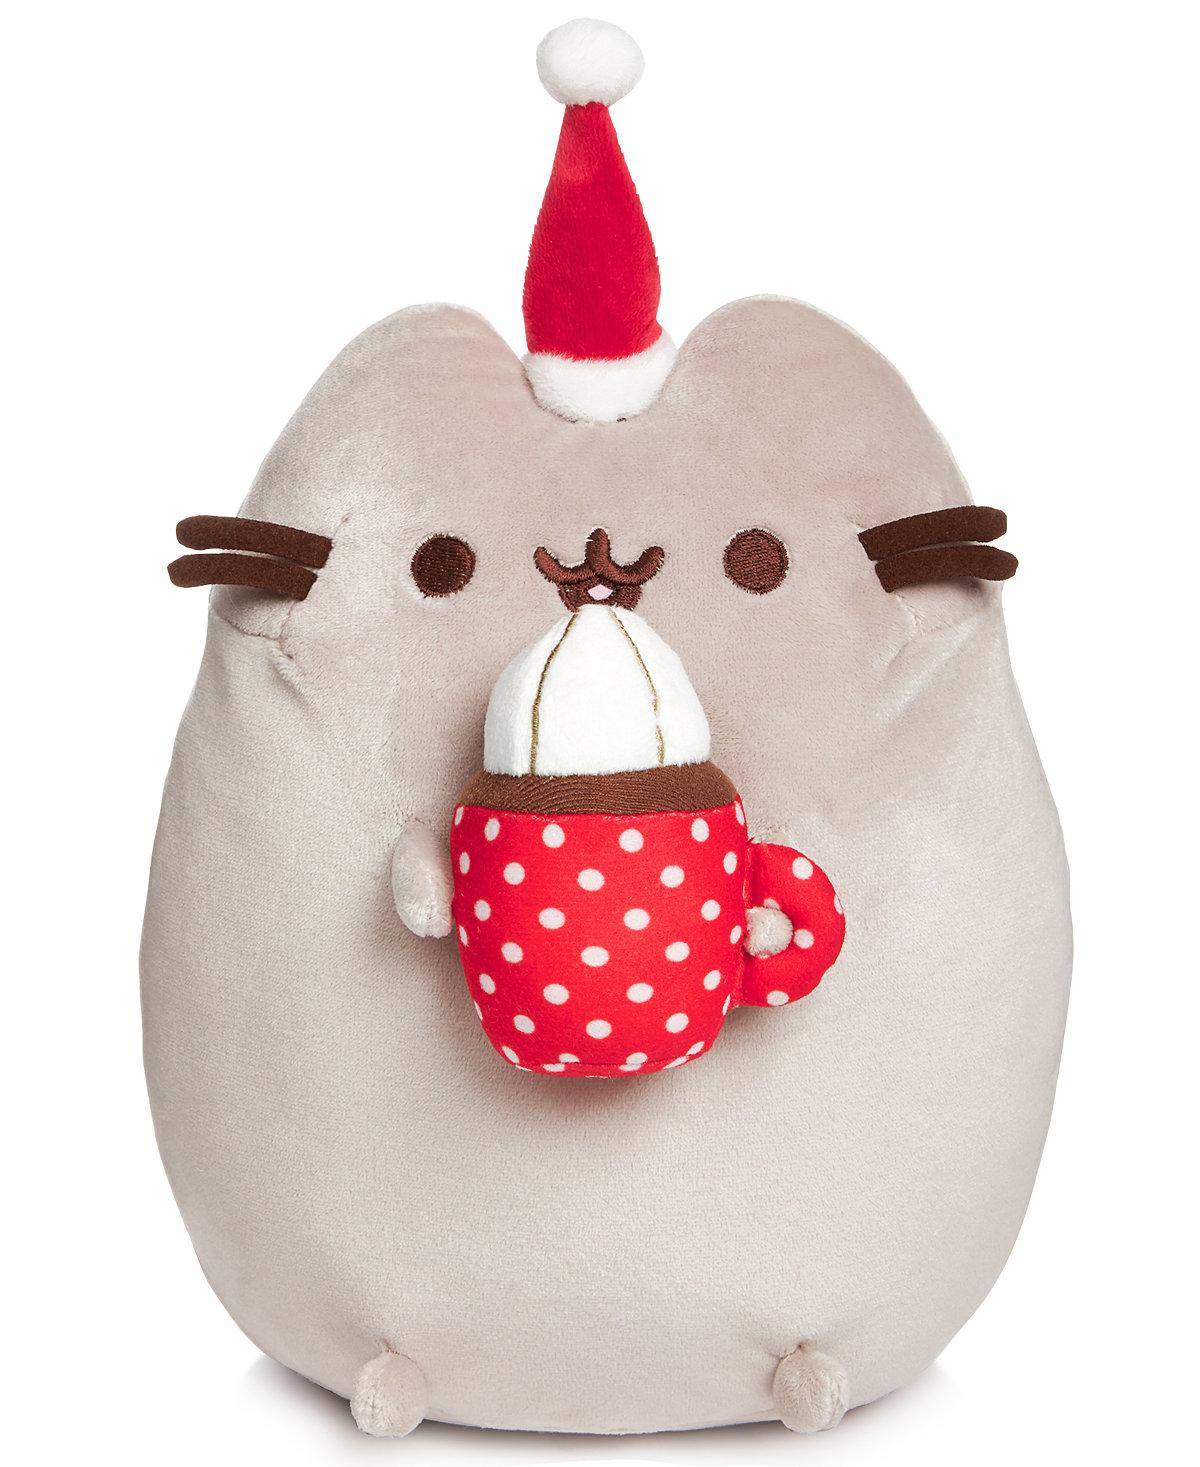 """GUND 10"""" Hot Cocoa Pusheen Plush $6.13 @ Macys.com"""